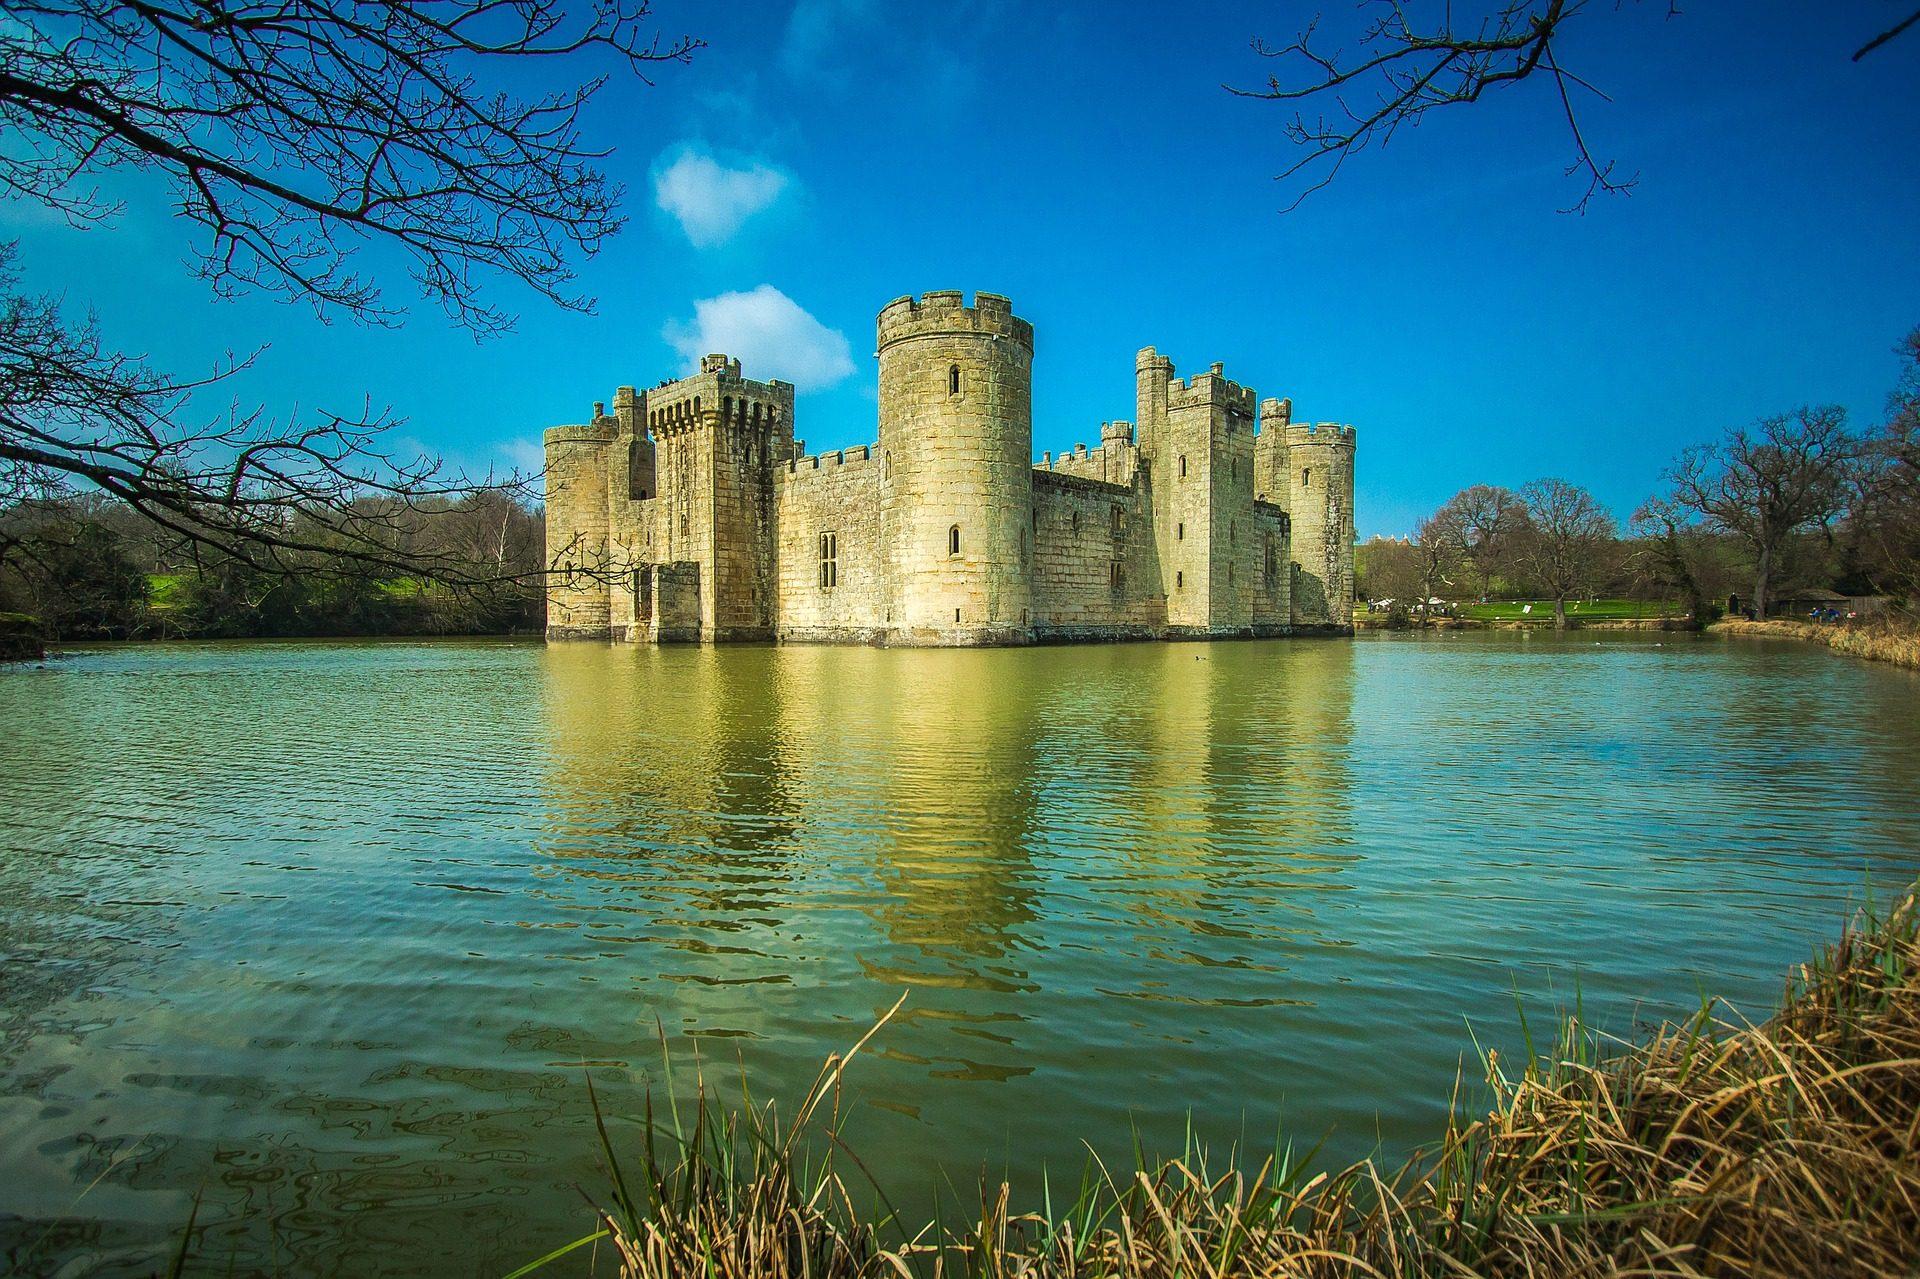 Schloss, Festung, Lake, Bodiam, England - Wallpaper HD - Prof.-falken.com